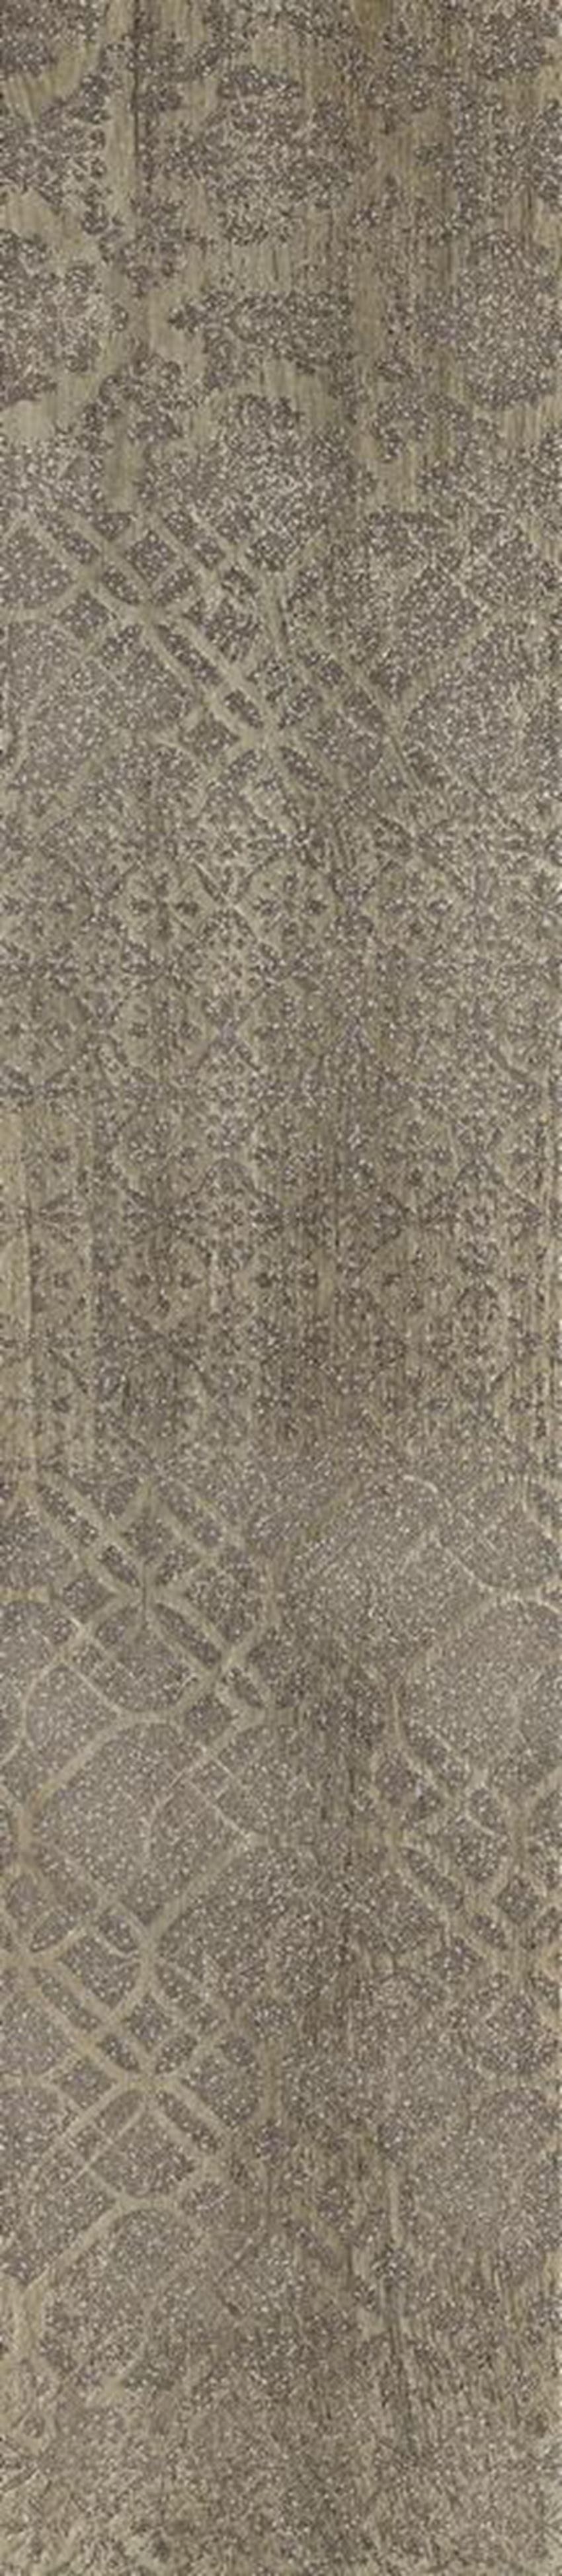 Dekoracja podłogowa 21,5x98,5 cm Paradyż Maloe Natural Listwa Matowa